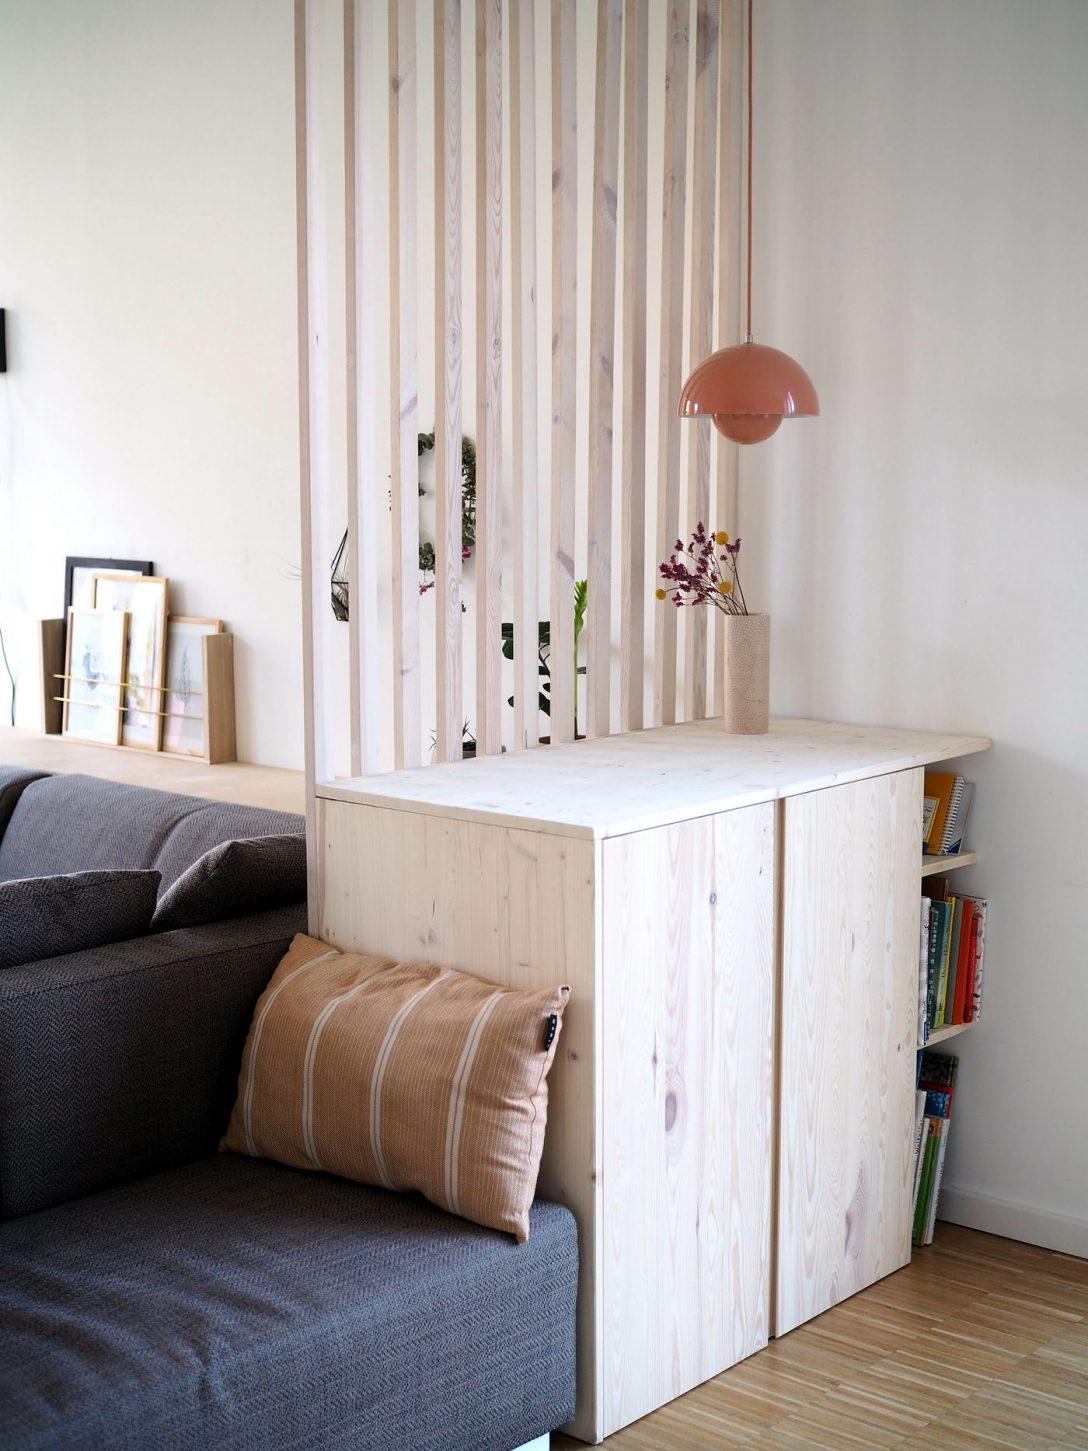 Large Size of Paravent Ikea Ideen Fr Raumteiler Und Raumtrenner Garten Modulküche Betten 160x200 Bei Sofa Mit Schlaffunktion Küche Kosten Kaufen Miniküche Wohnzimmer Paravent Ikea